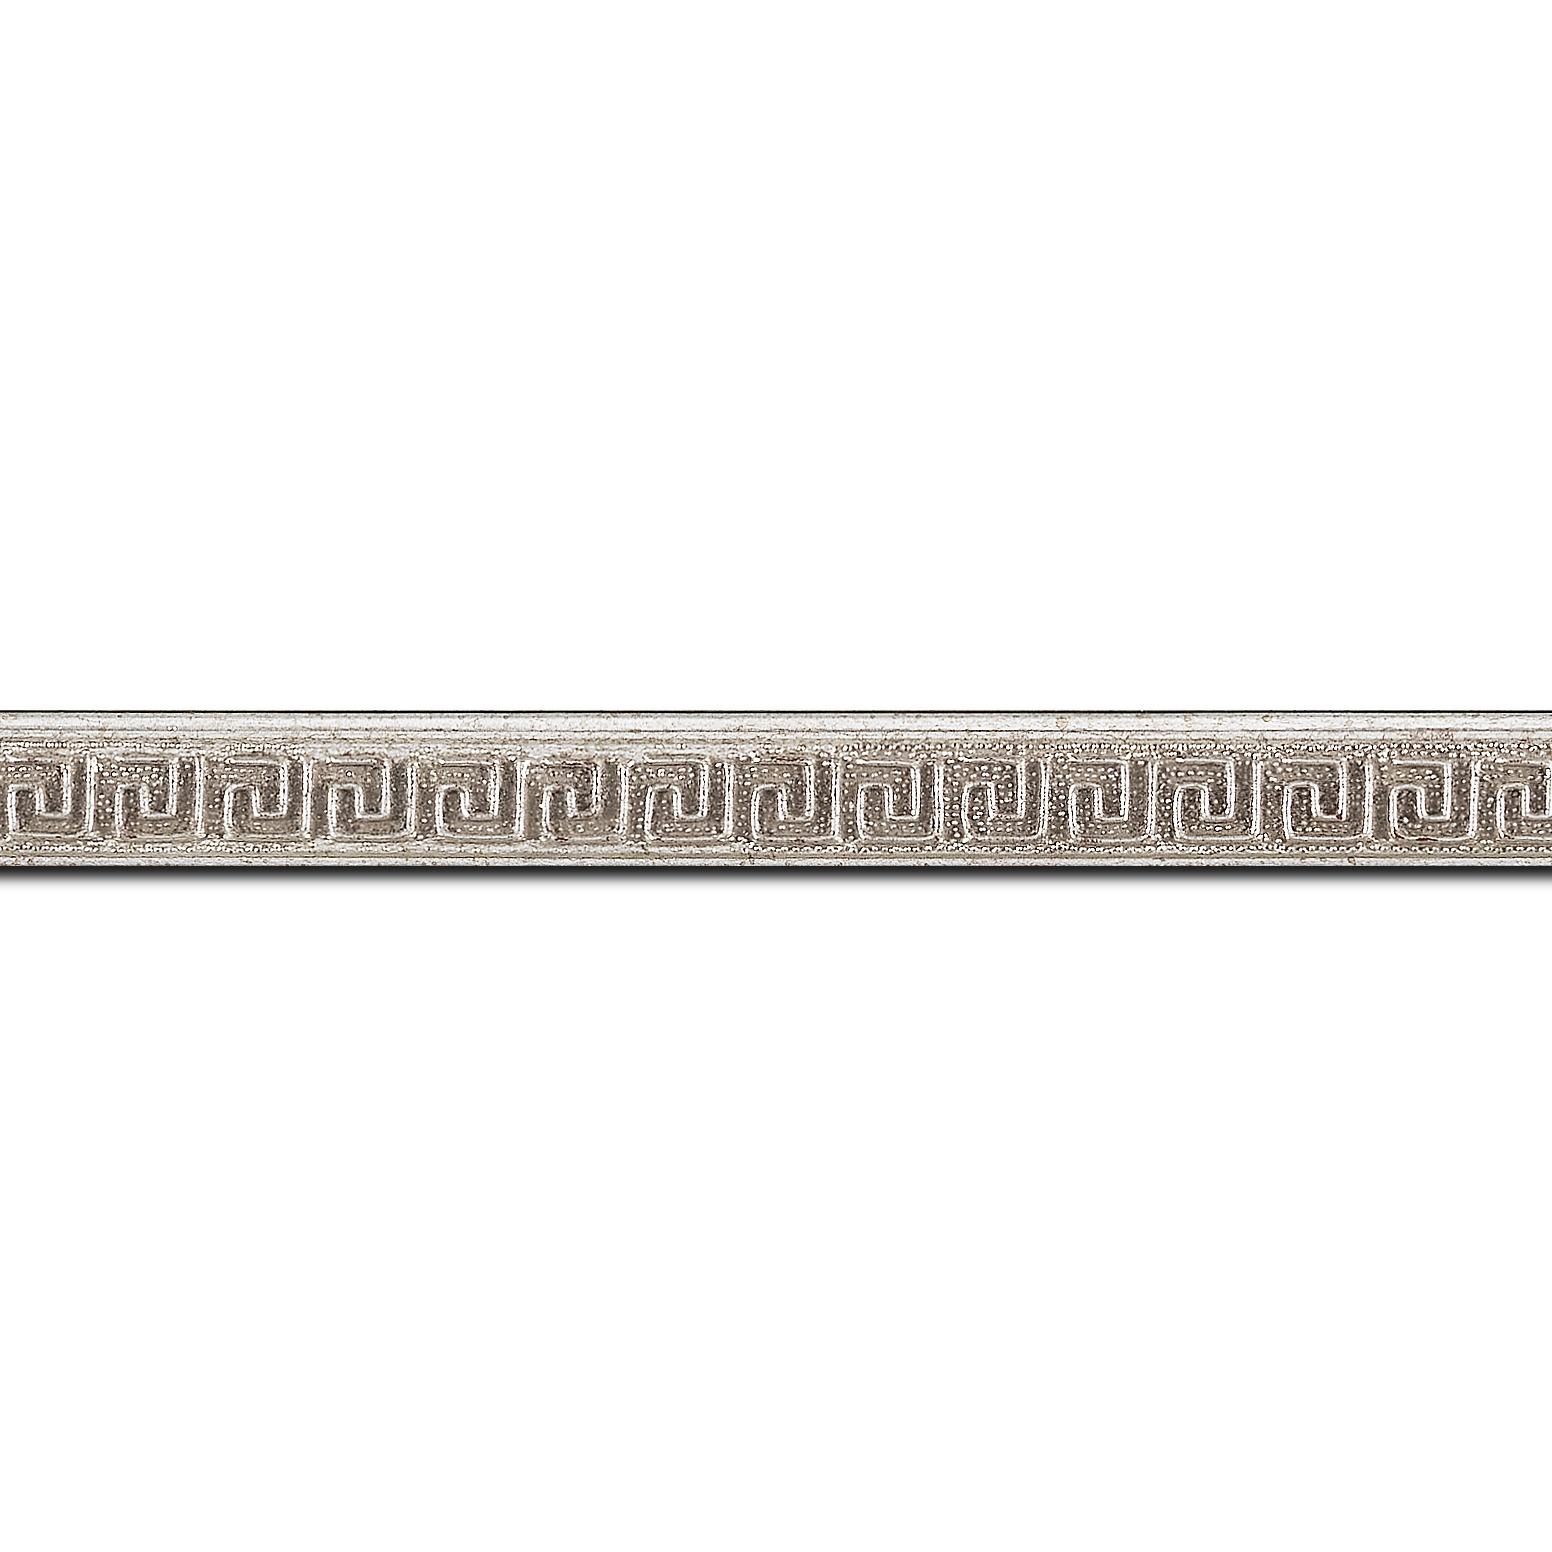 Baguette longueur 1.40m bois profil jonc largeur 1.6cm argent style décor angulaire